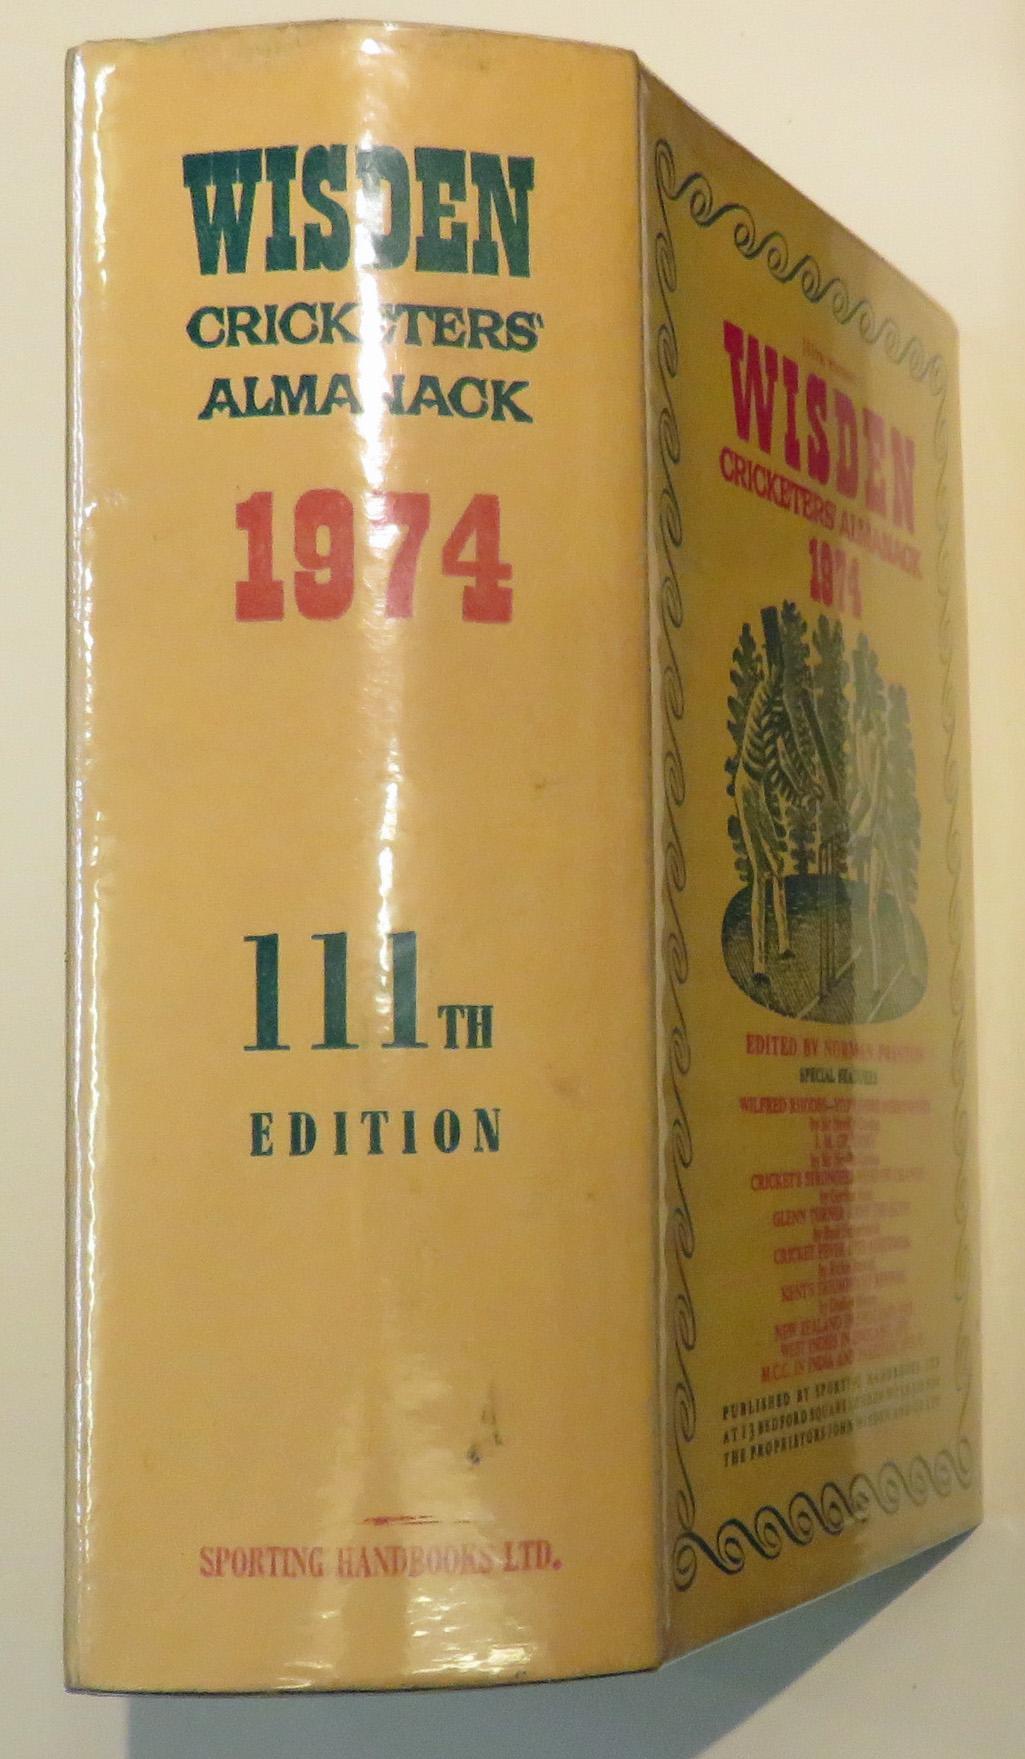 Wisden Cricketers' Almanack 1974